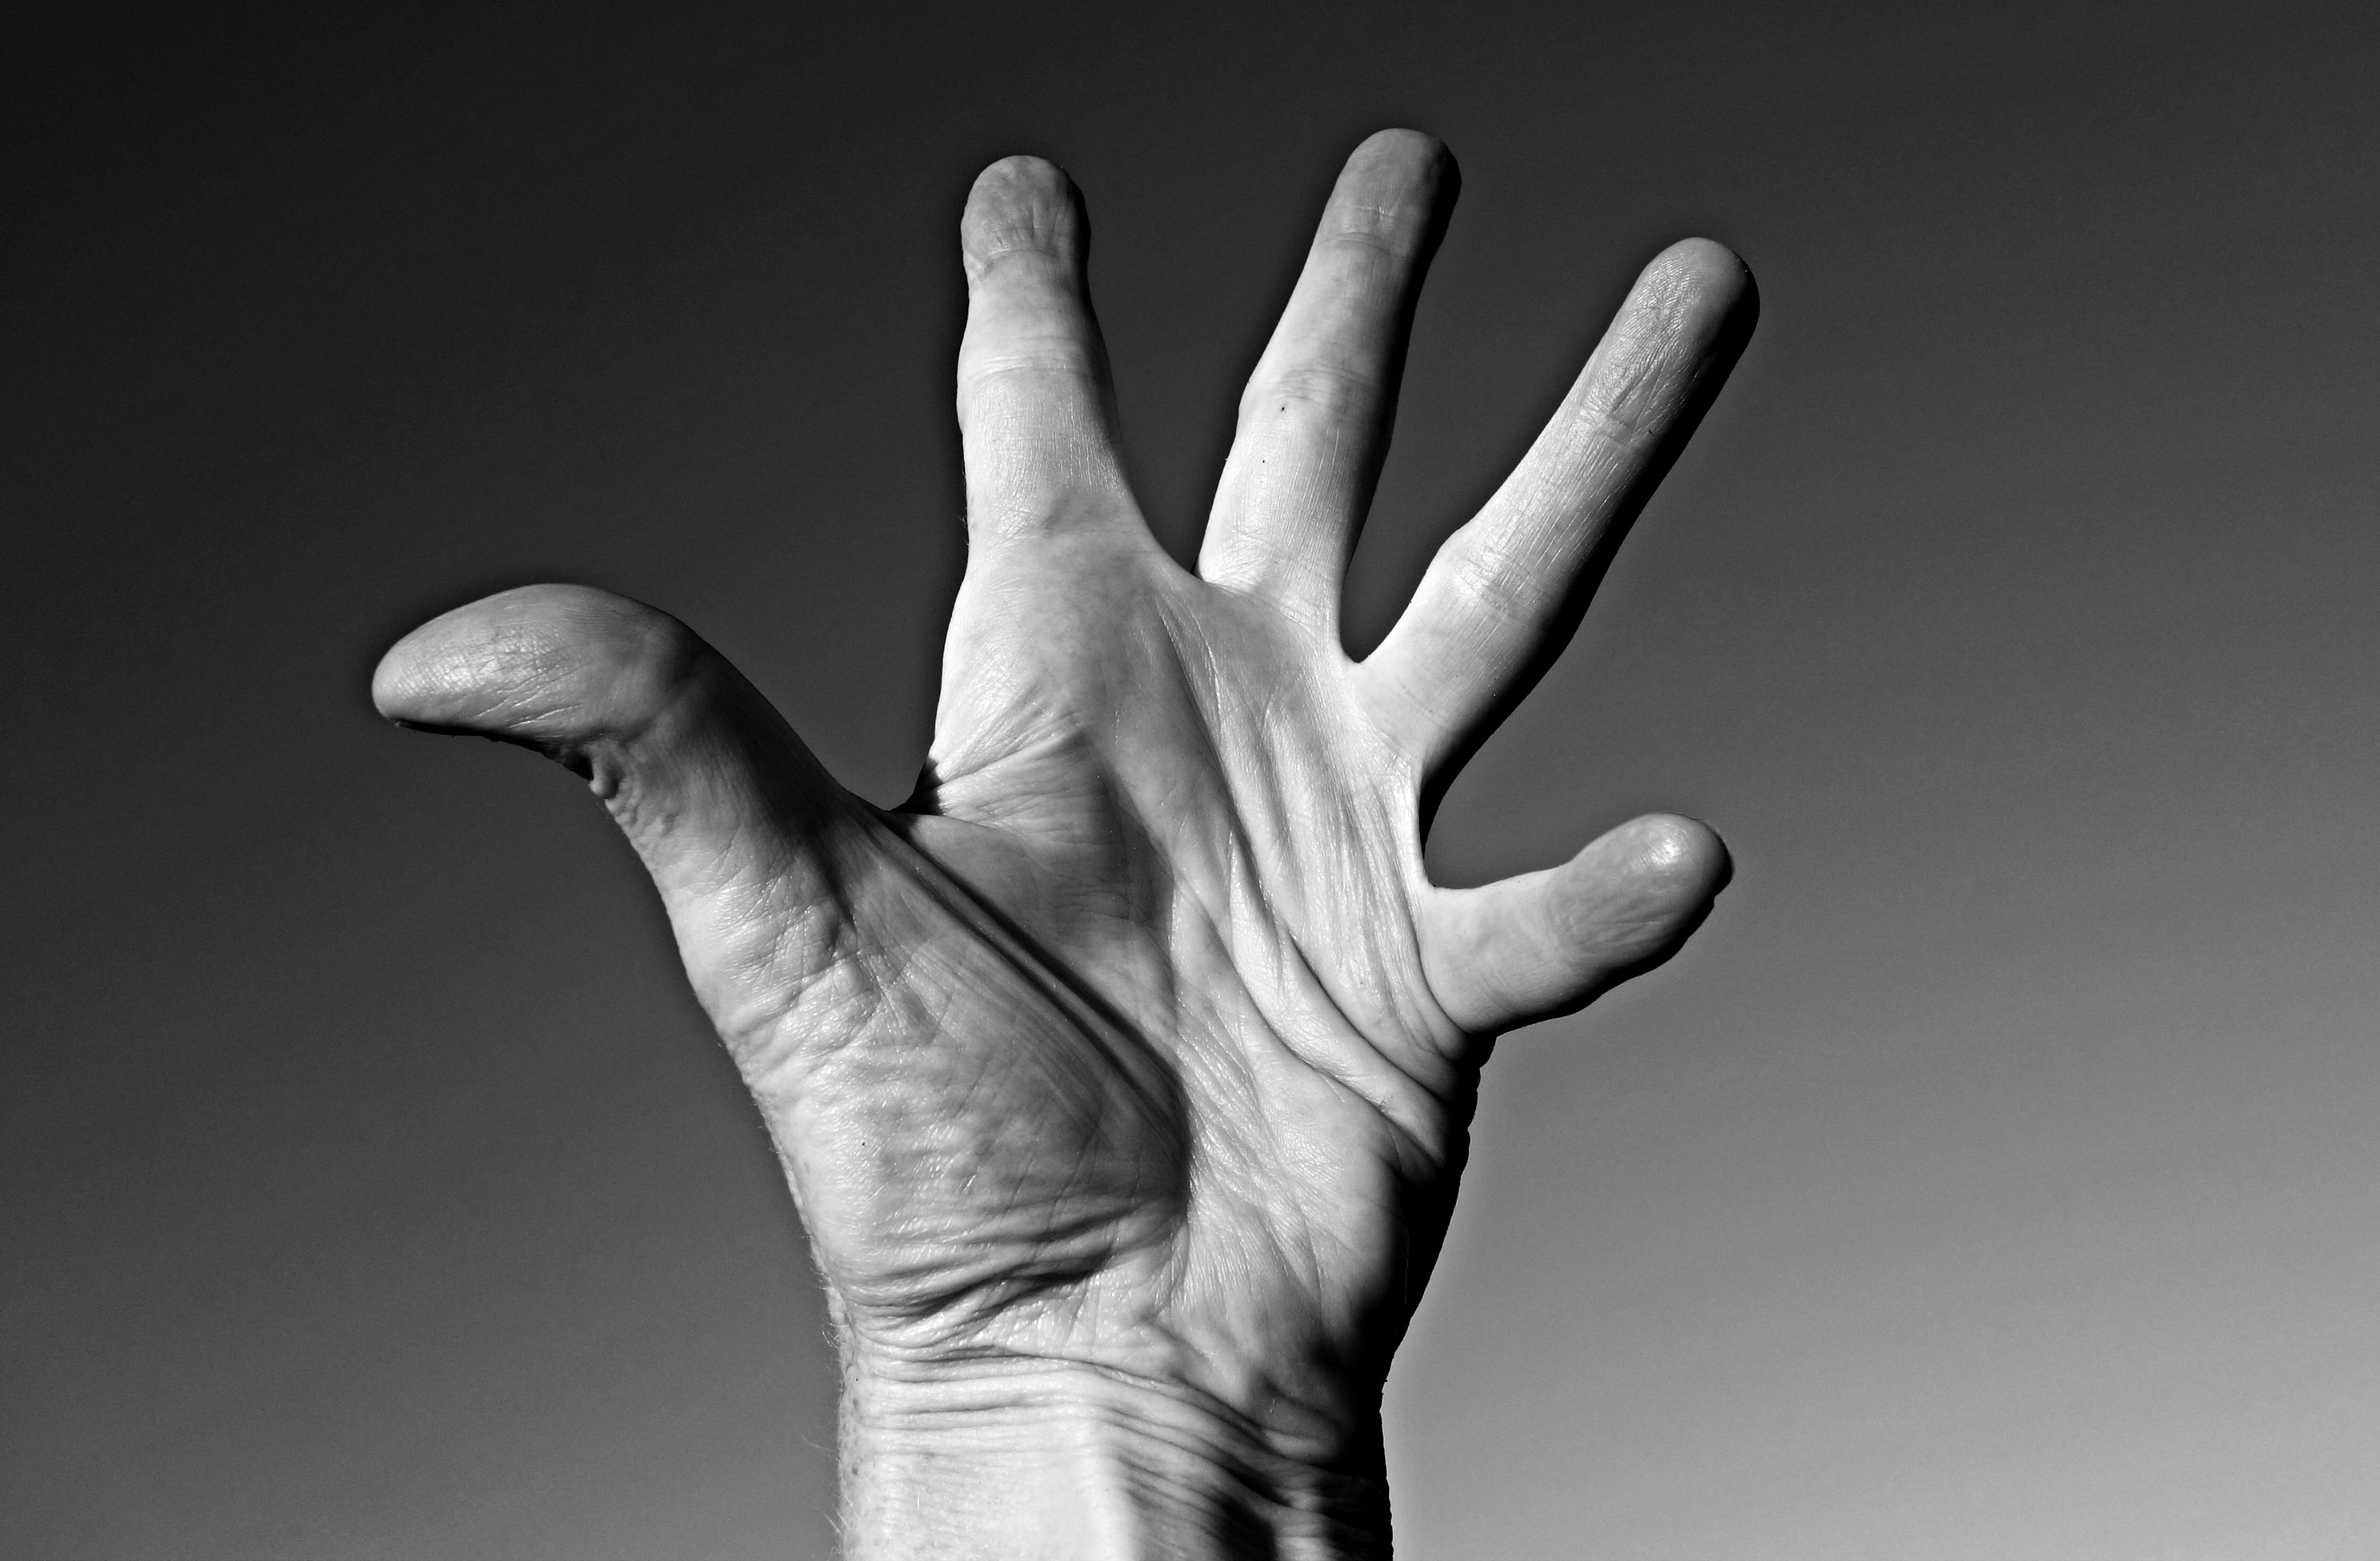 Assez Images Gratuites : main, noir et blanc, doigt, paume, Monochrome  PG46